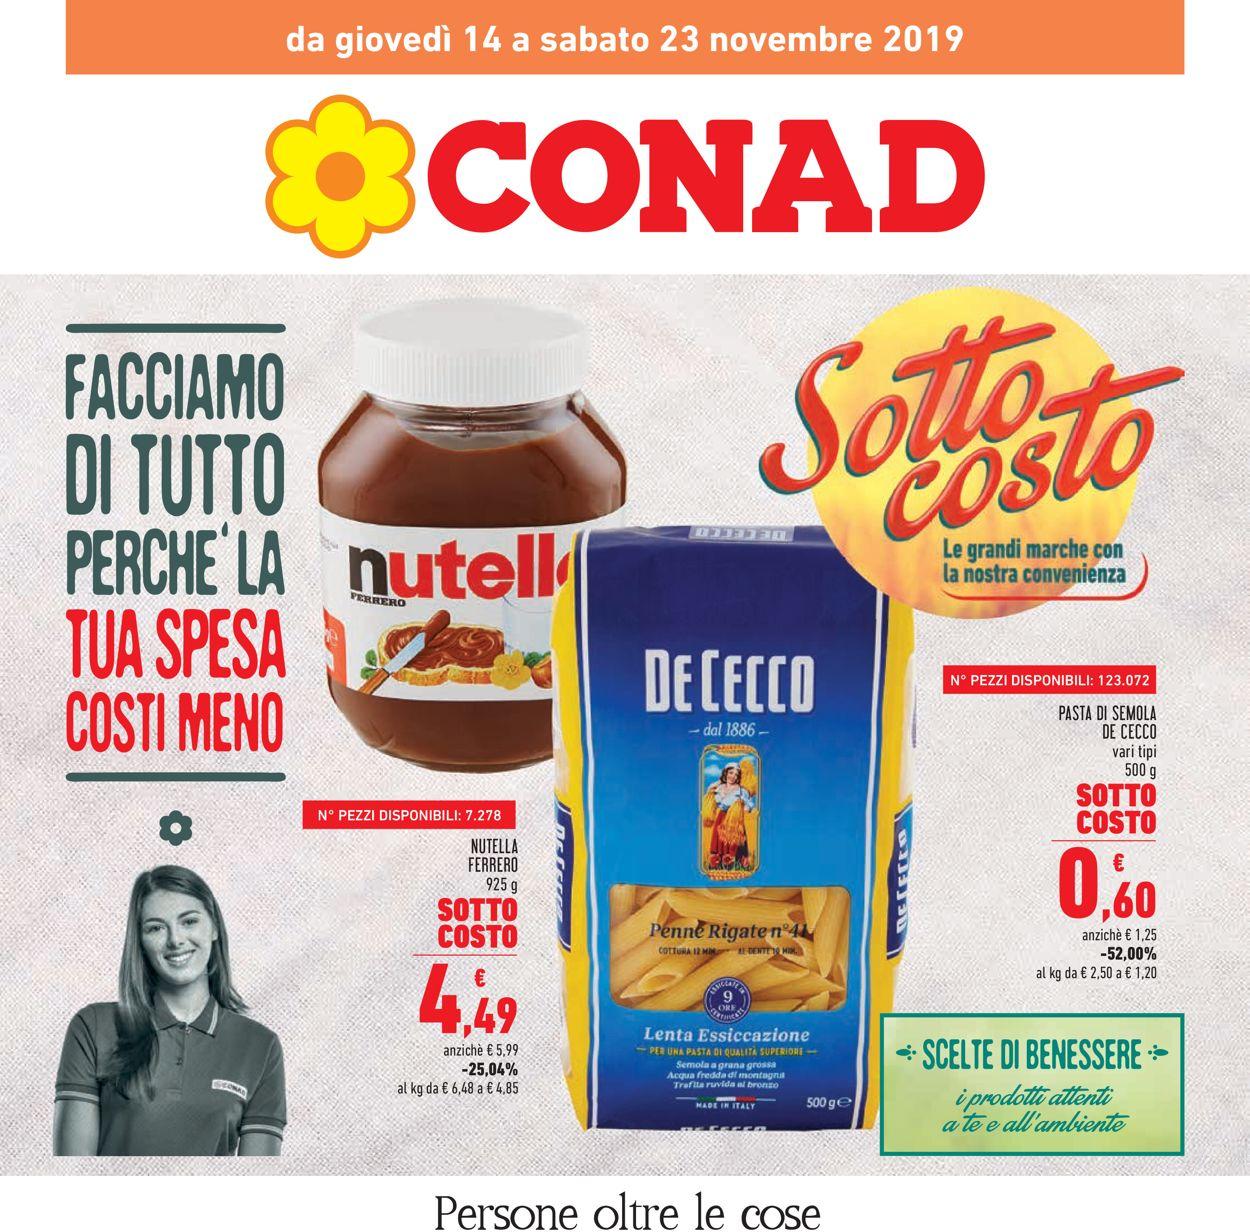 Volantino Conad - Offerte 14/11-23/11/2019